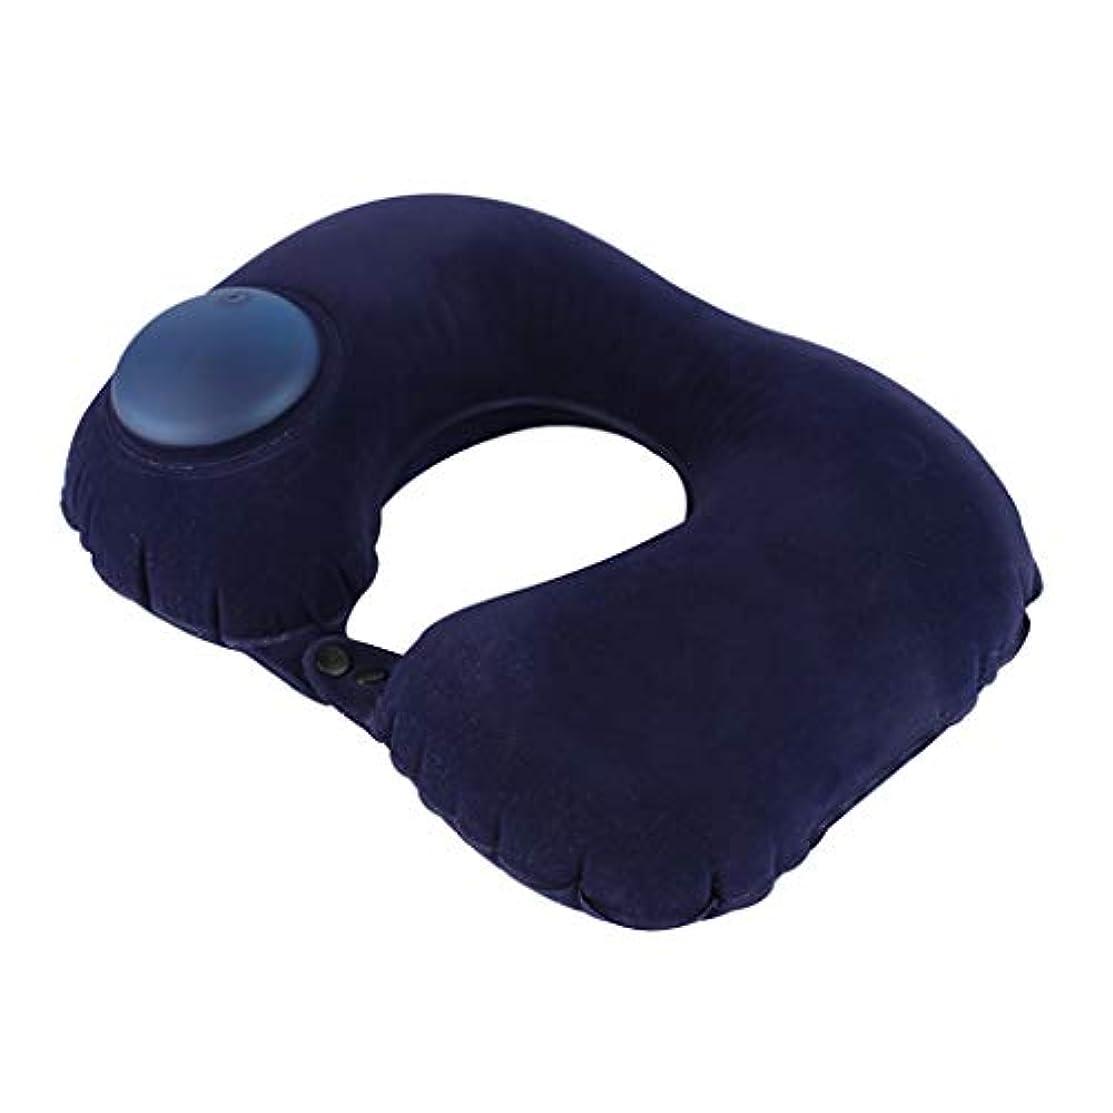 ラフレシアアルノルディ灰付添人飛行機での快適な睡眠のための自己膨脹可能な旅行首枕ネック&あごサポート枕/旅行/休憩 (色 : ブラック)